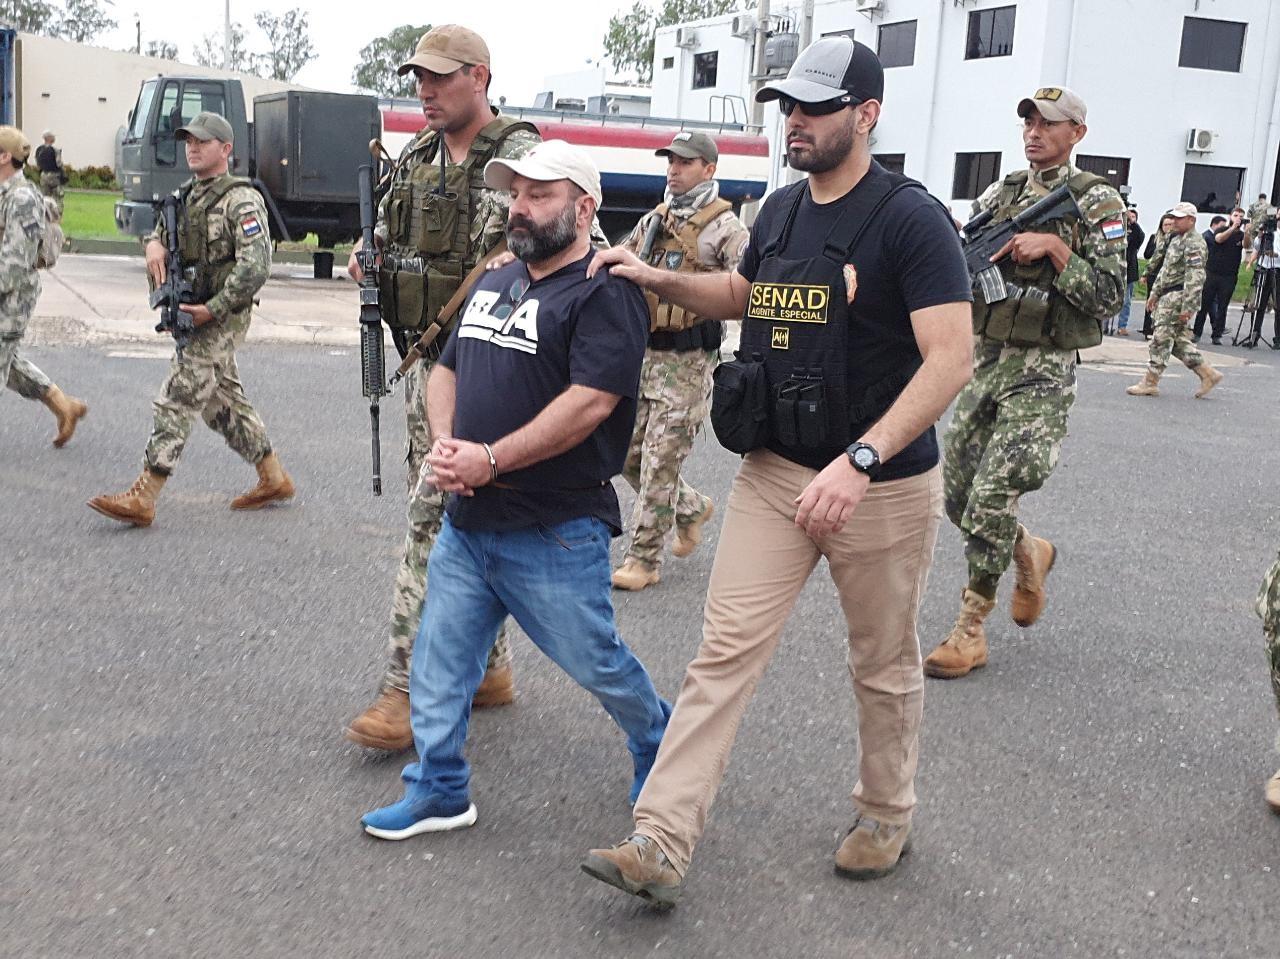 Suspeito de fornecer armas e drogas para facções criminosas é expulso do Paraguai e entregue à PF, em Foz do Iguaçu - Notícias - Plantão Diário